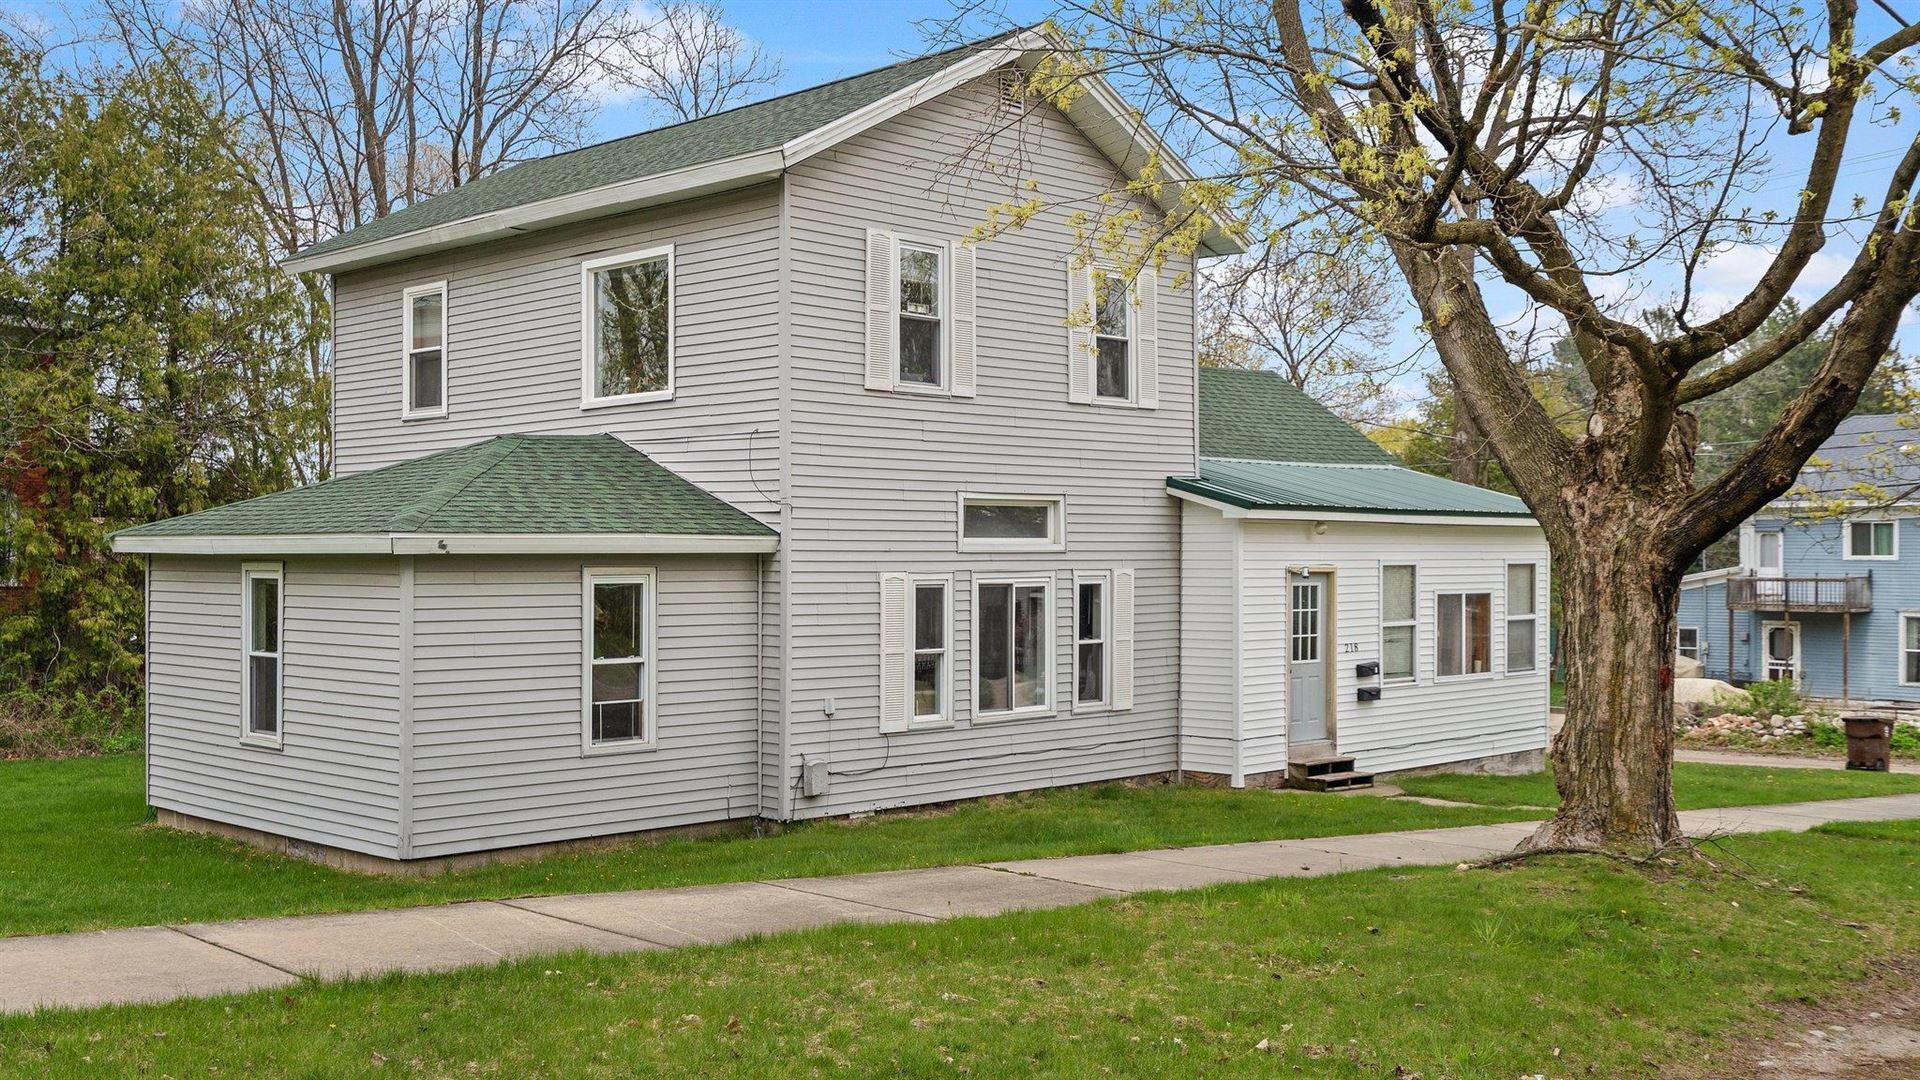 218 W Pine, Big Rapids, MI 49307 - MLS#: 21014996